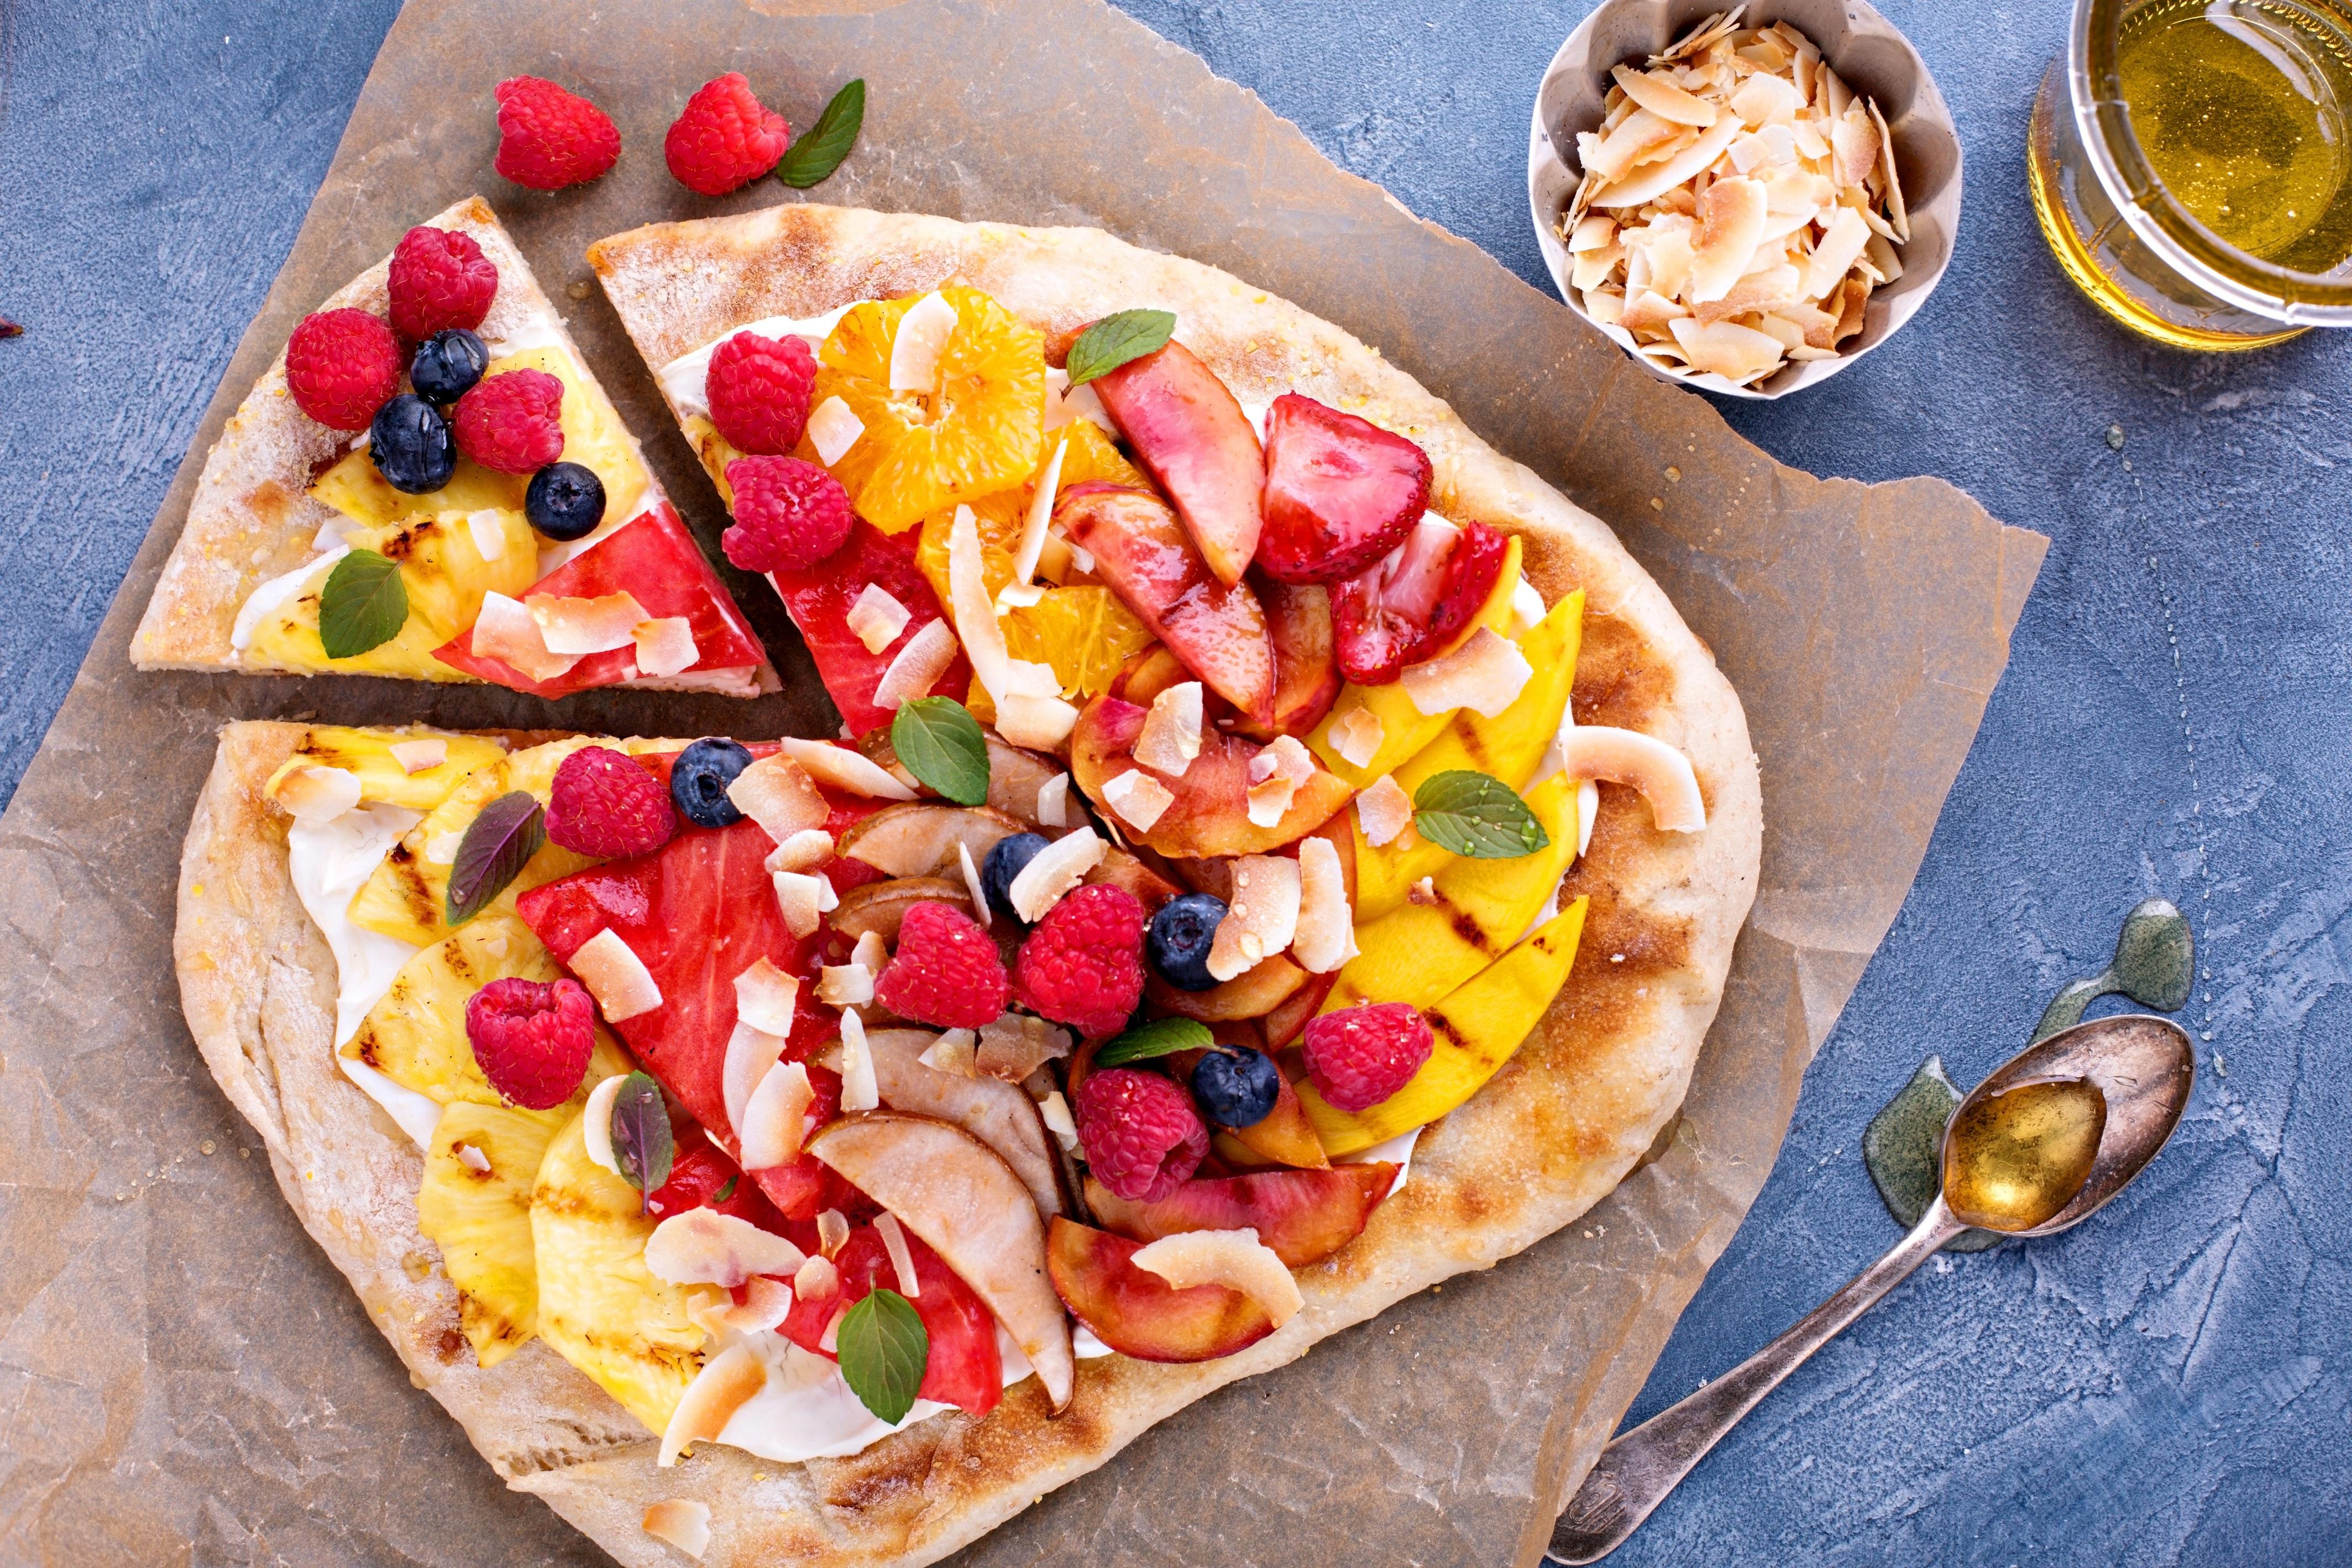 Fruit pizza con crema alla ricotta, frutta di stagione, mandorle e miele 2